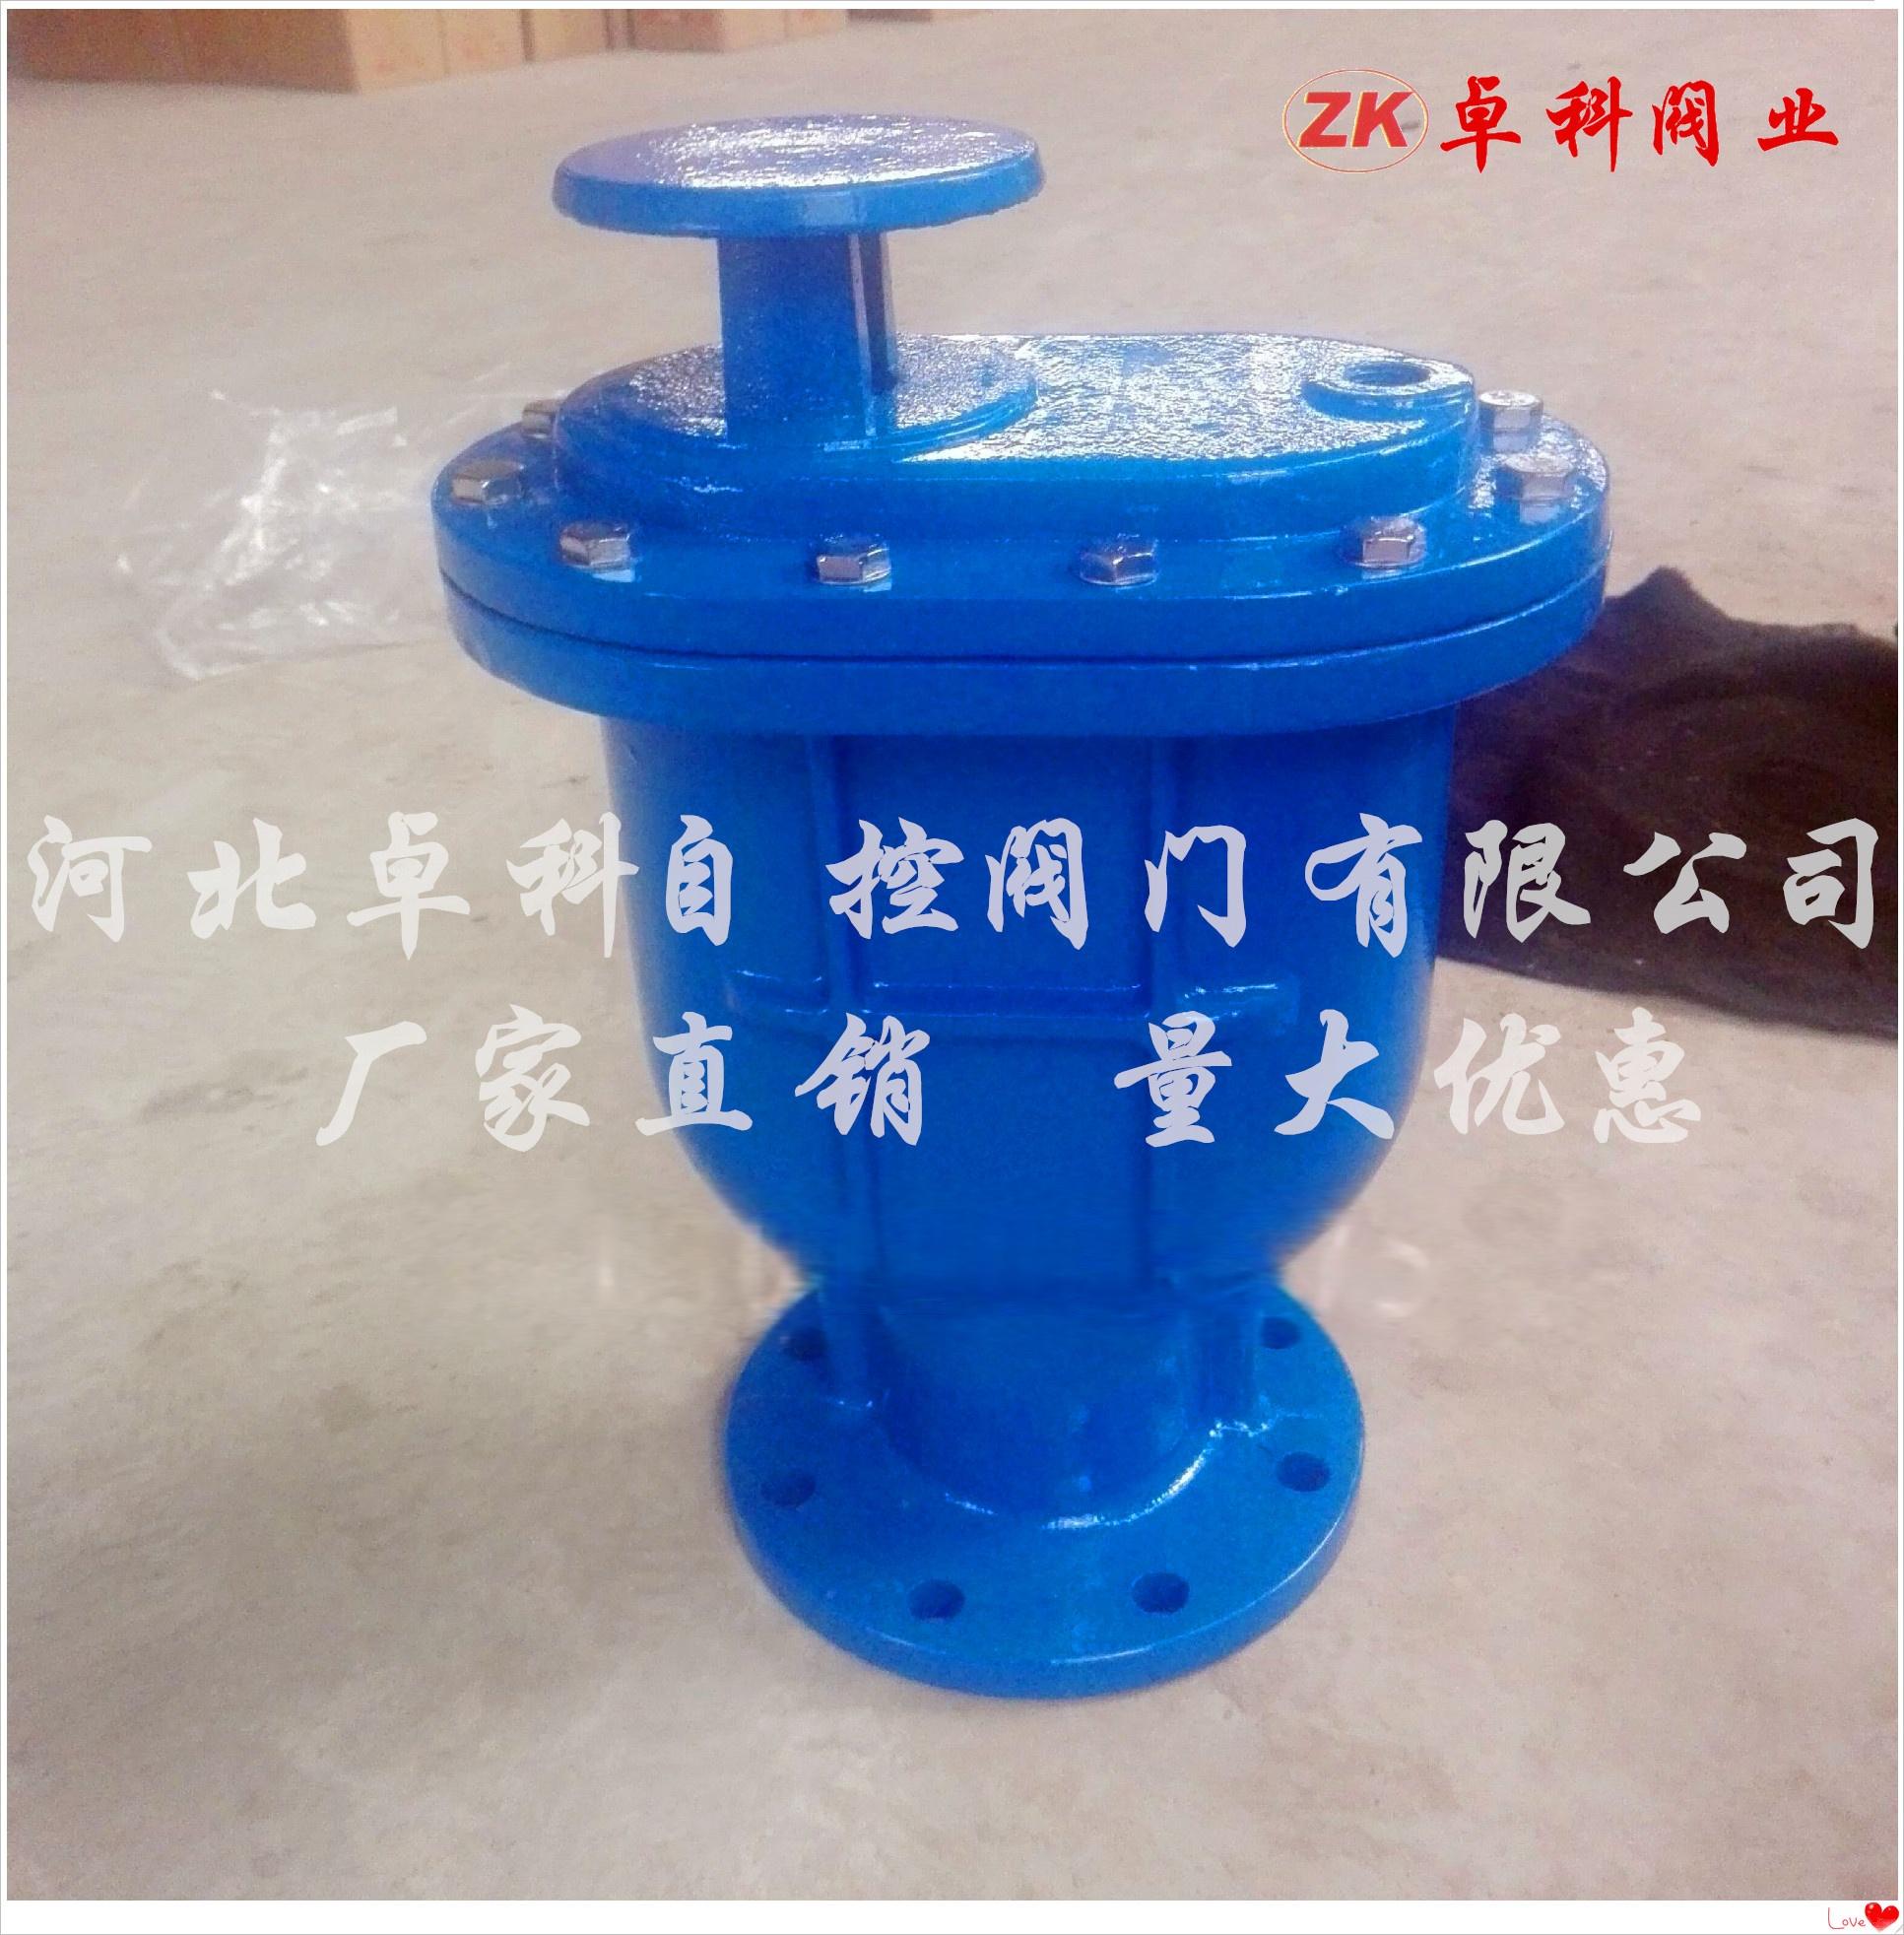 天津制造 carx复合式排气阀 球墨铸铁单向 法兰 复合式快速排气阀图片